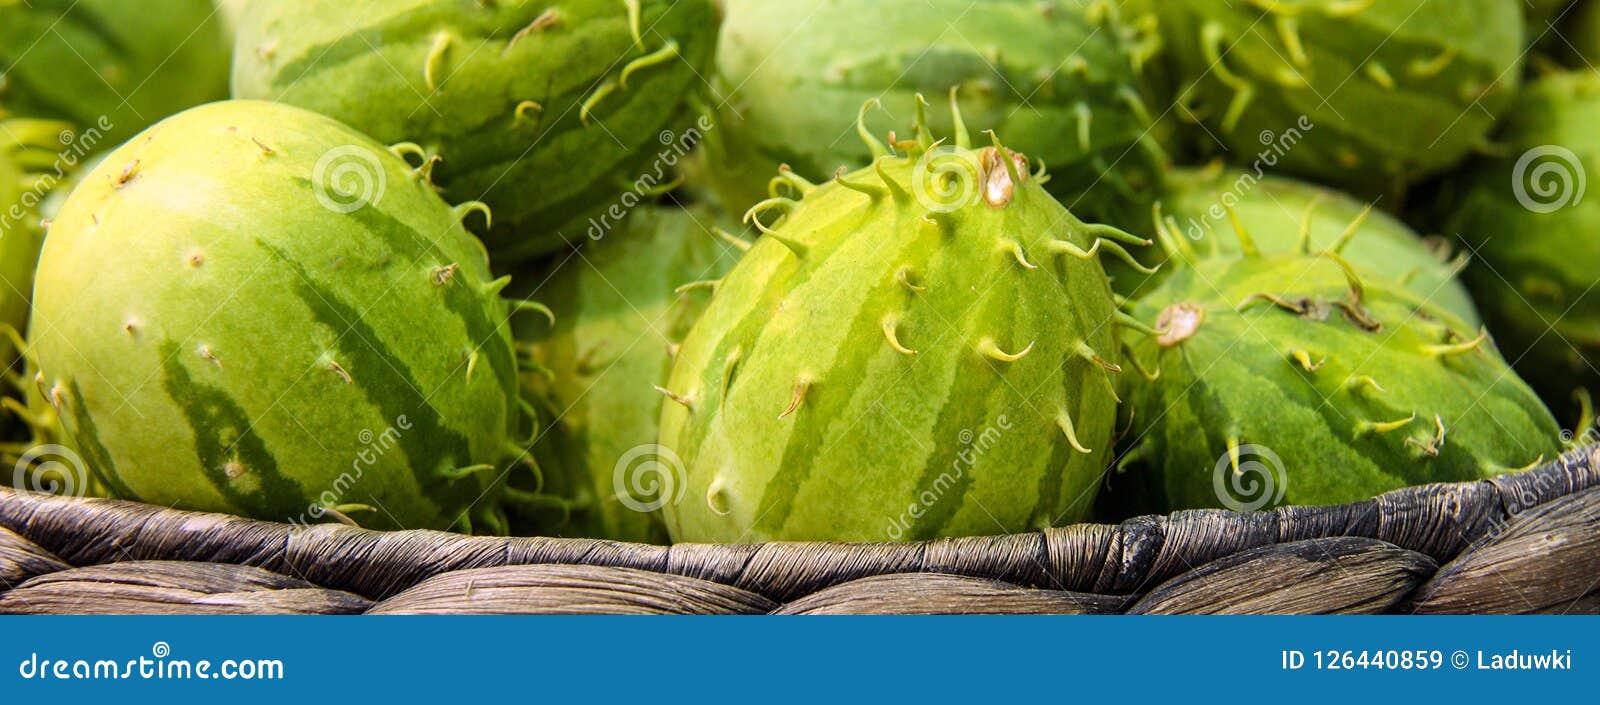 Cucumisanguria, cackrey, kastanjebruine komkommer, het Westen Indische augurk en het Westen Indische pompoen Deco-fruit gele en g